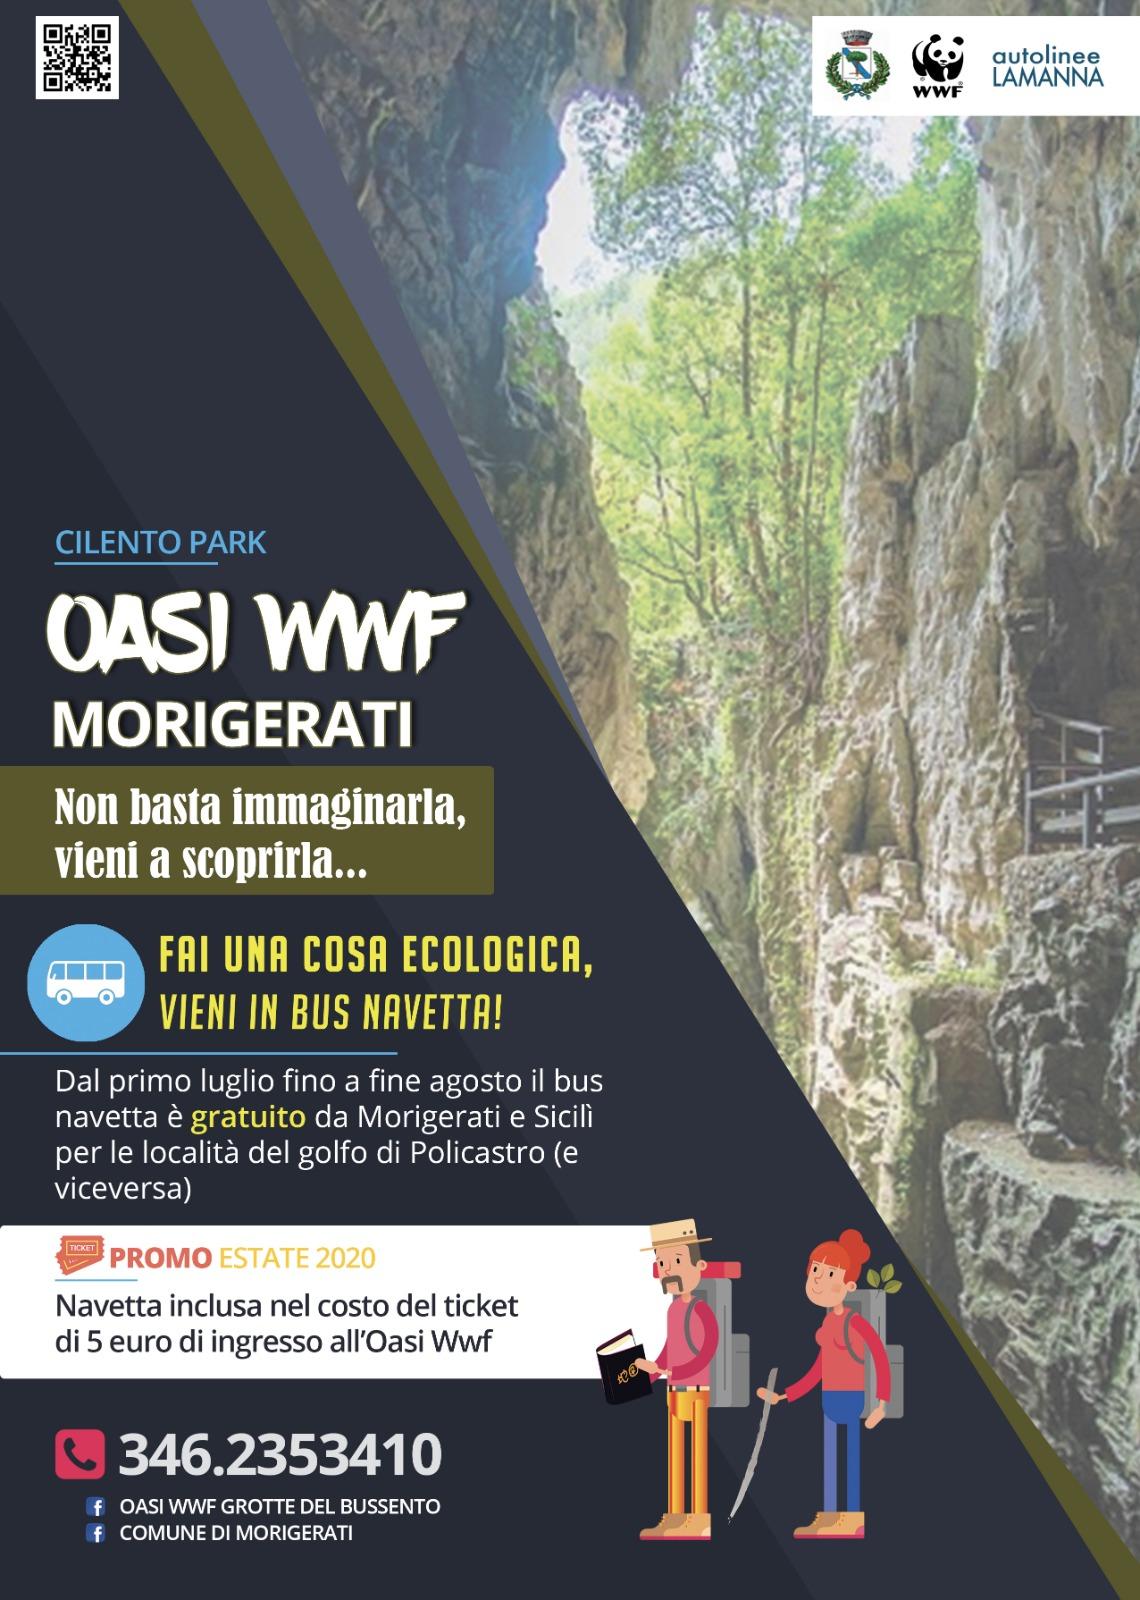 Morigerati, bus navetta gratuita per i turisti, Grotte del Bussento piu vicine